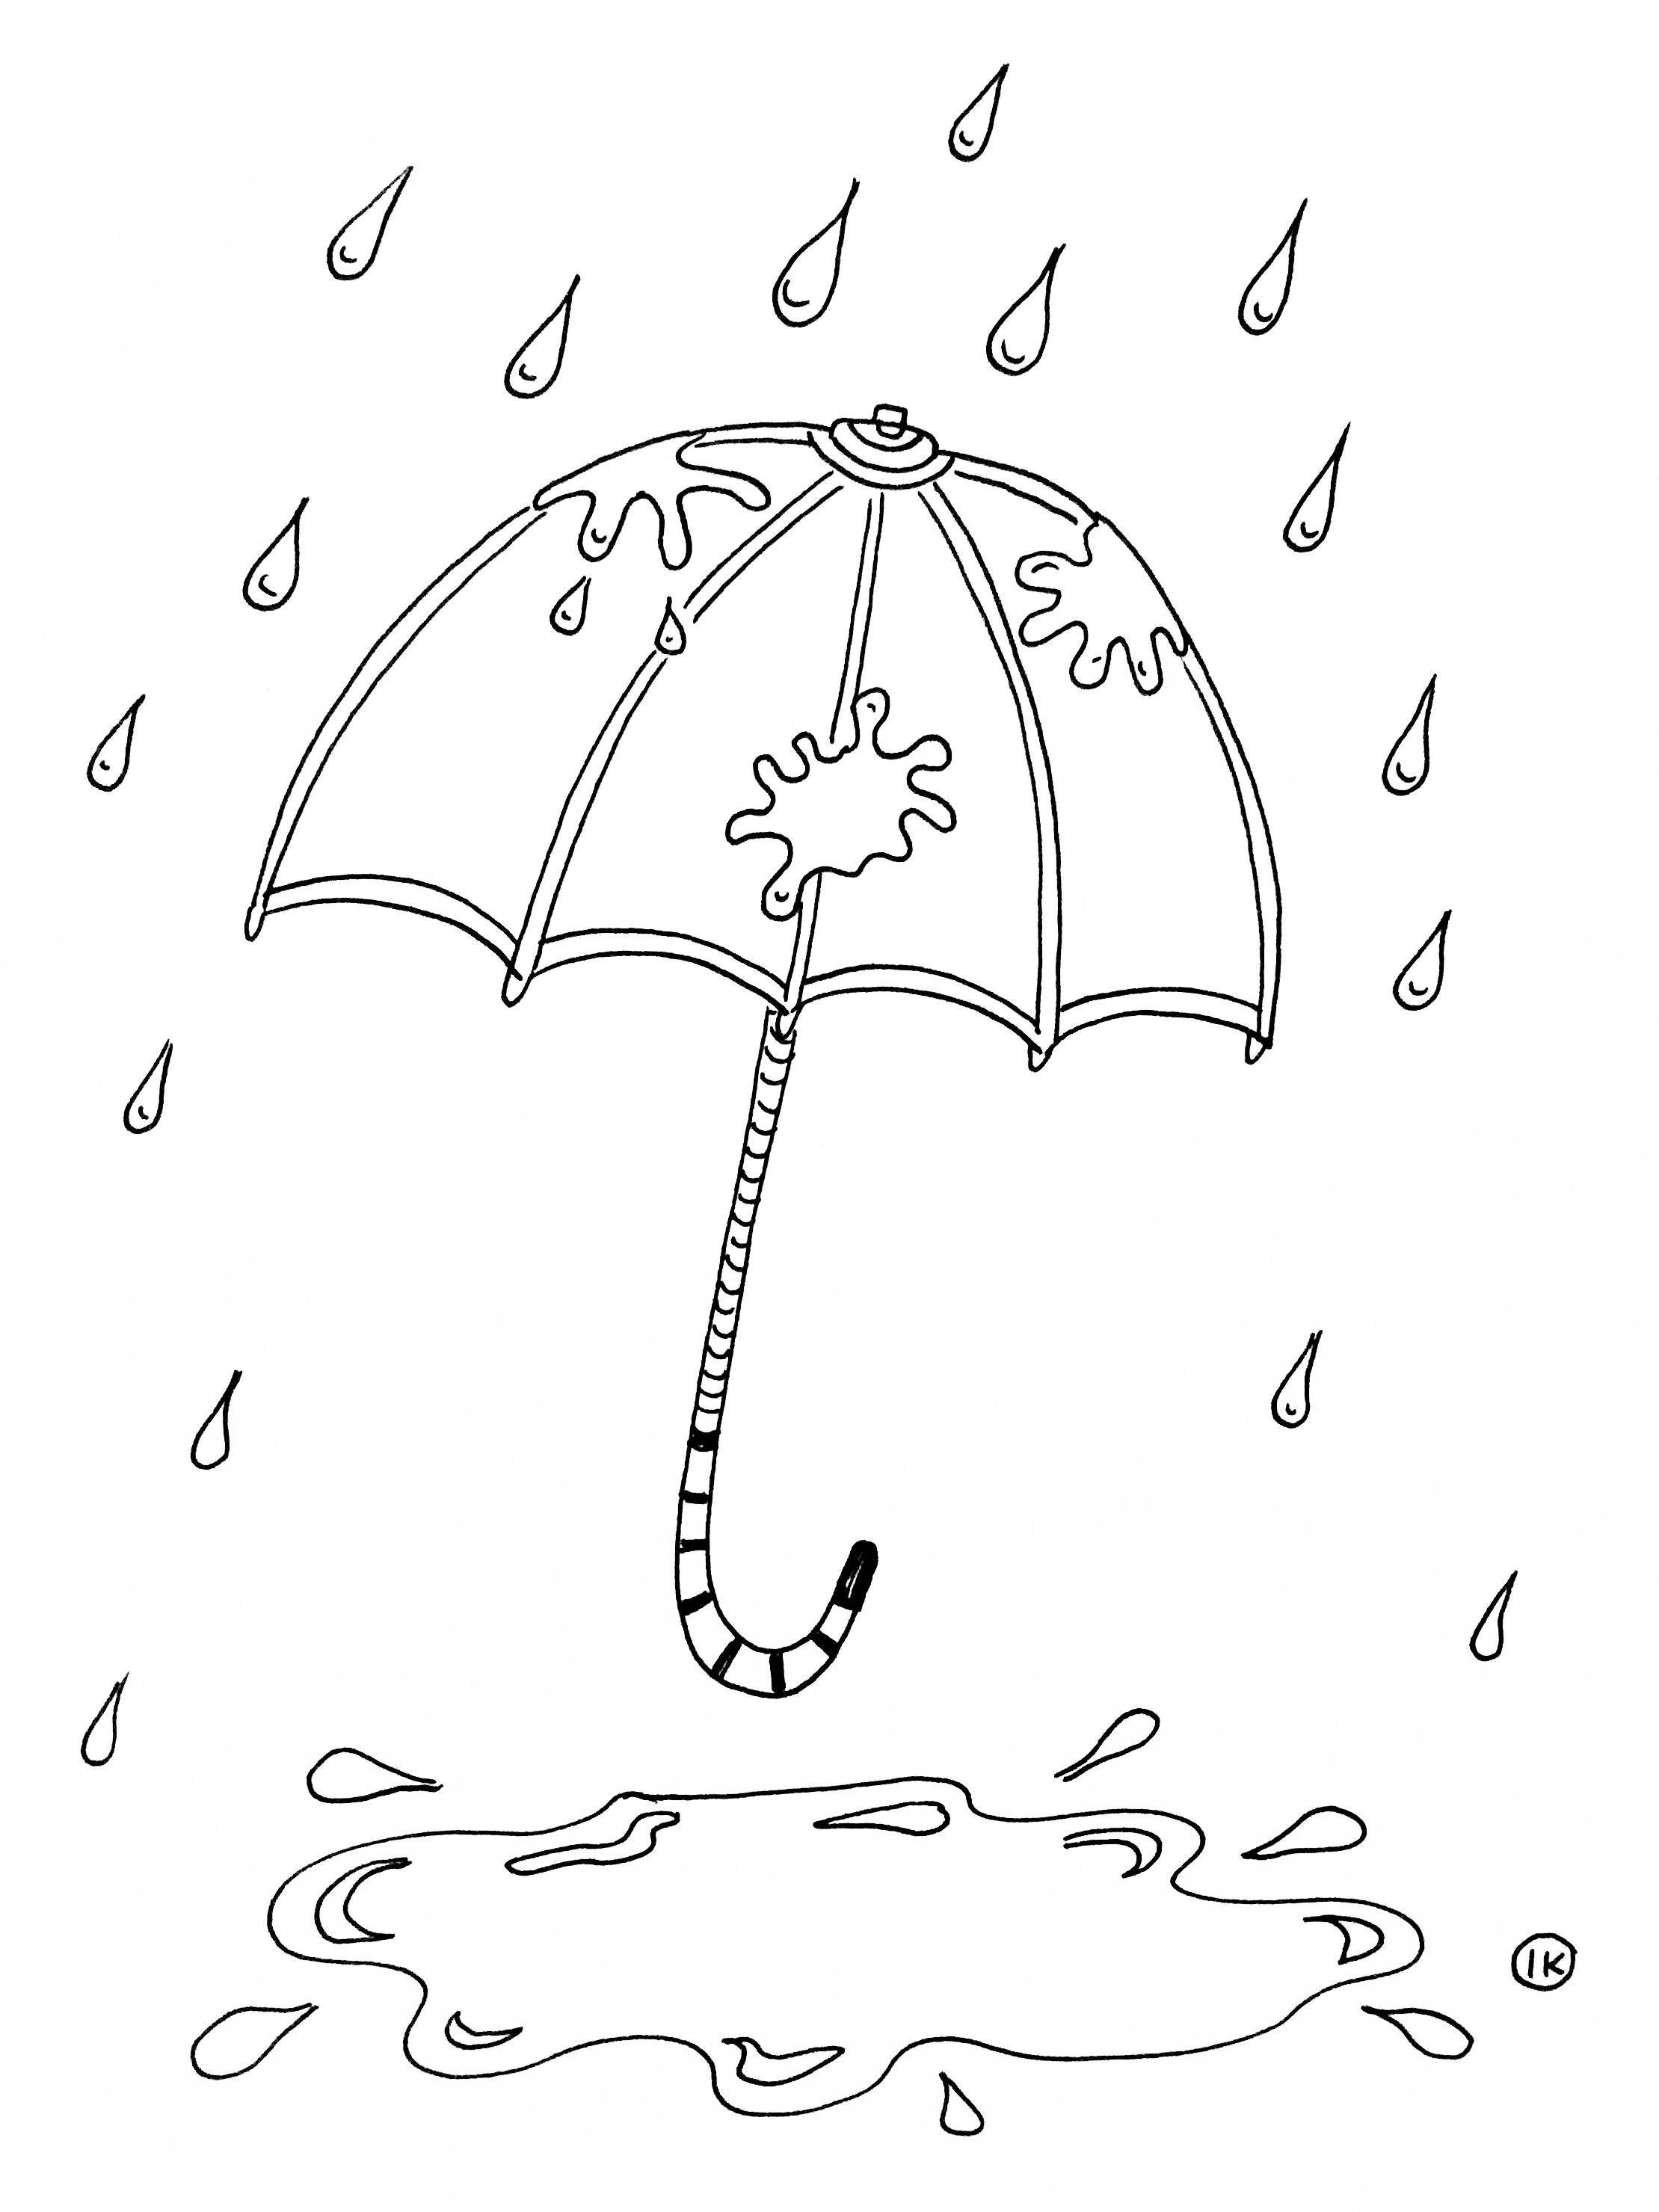 Kleurplaten Met Thema Regen Kleurplaat Regen Kleurplaat Eendje In De Regen 1028 Regen Regen Knutselen Thema